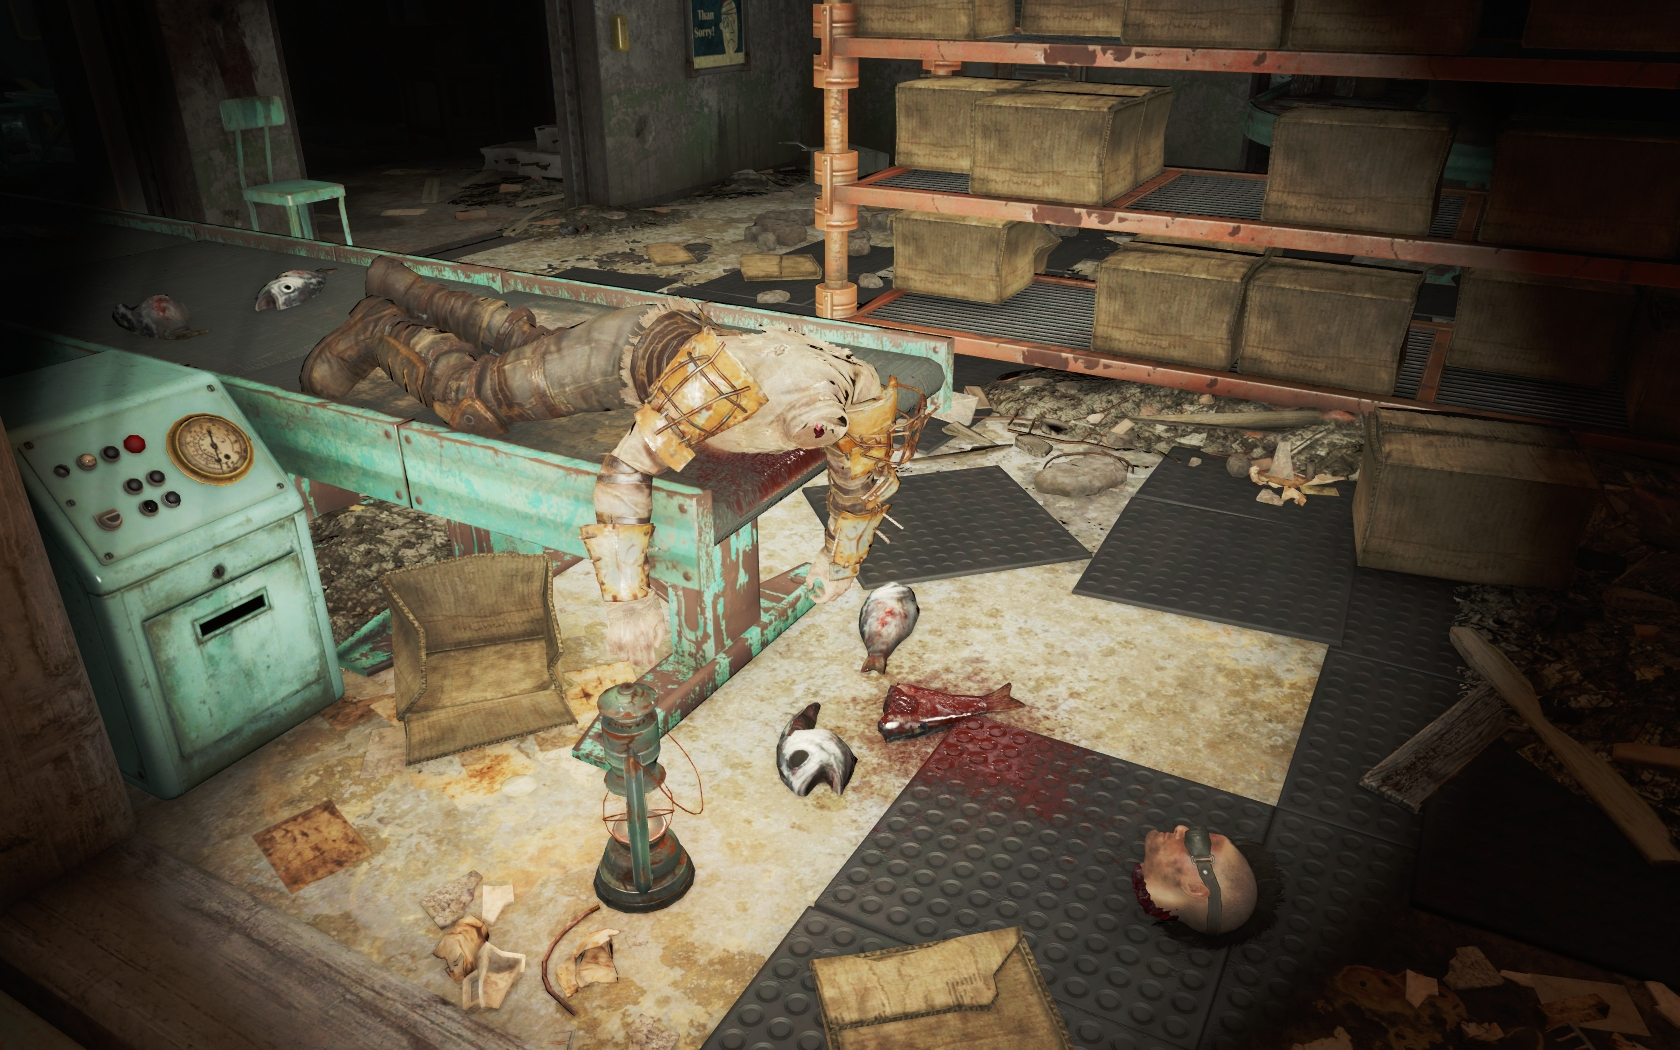 Очень несвежая рыба была (Рыбный завод Мэхкра) - Fallout 4 Рыбный завод Мэхкра, Юмор